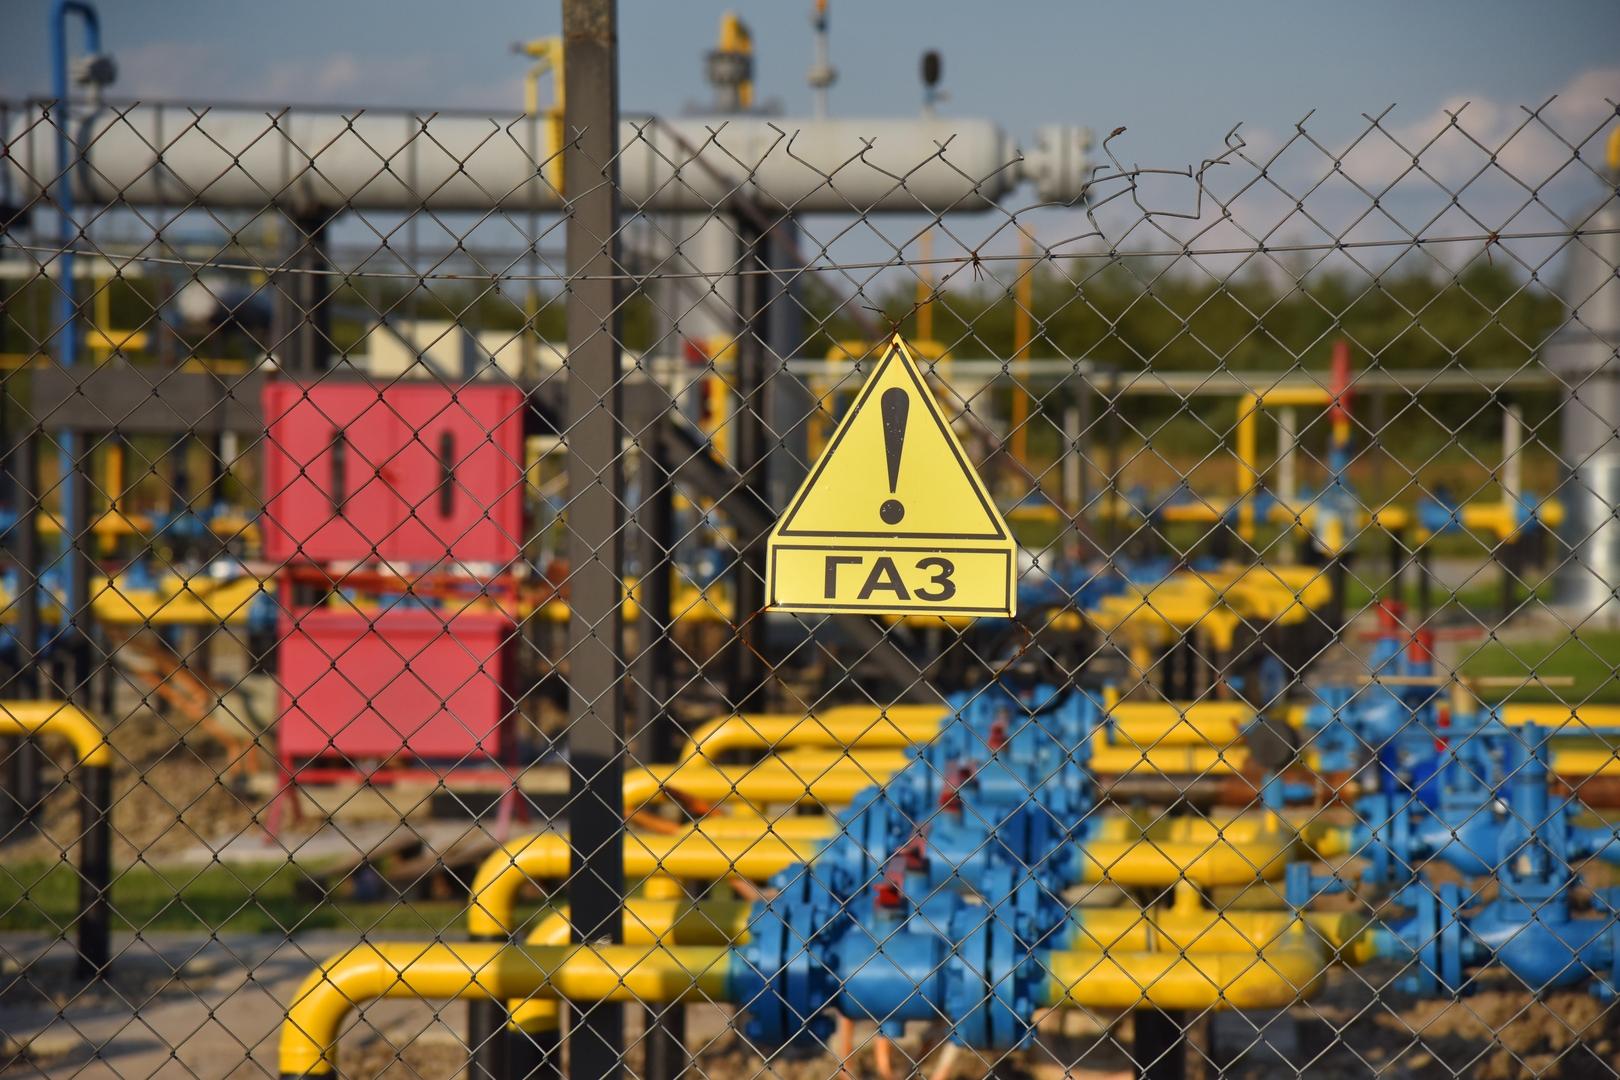 مباحثات روسية جزائرية حول تعزيز التعاون في مجال الغاز